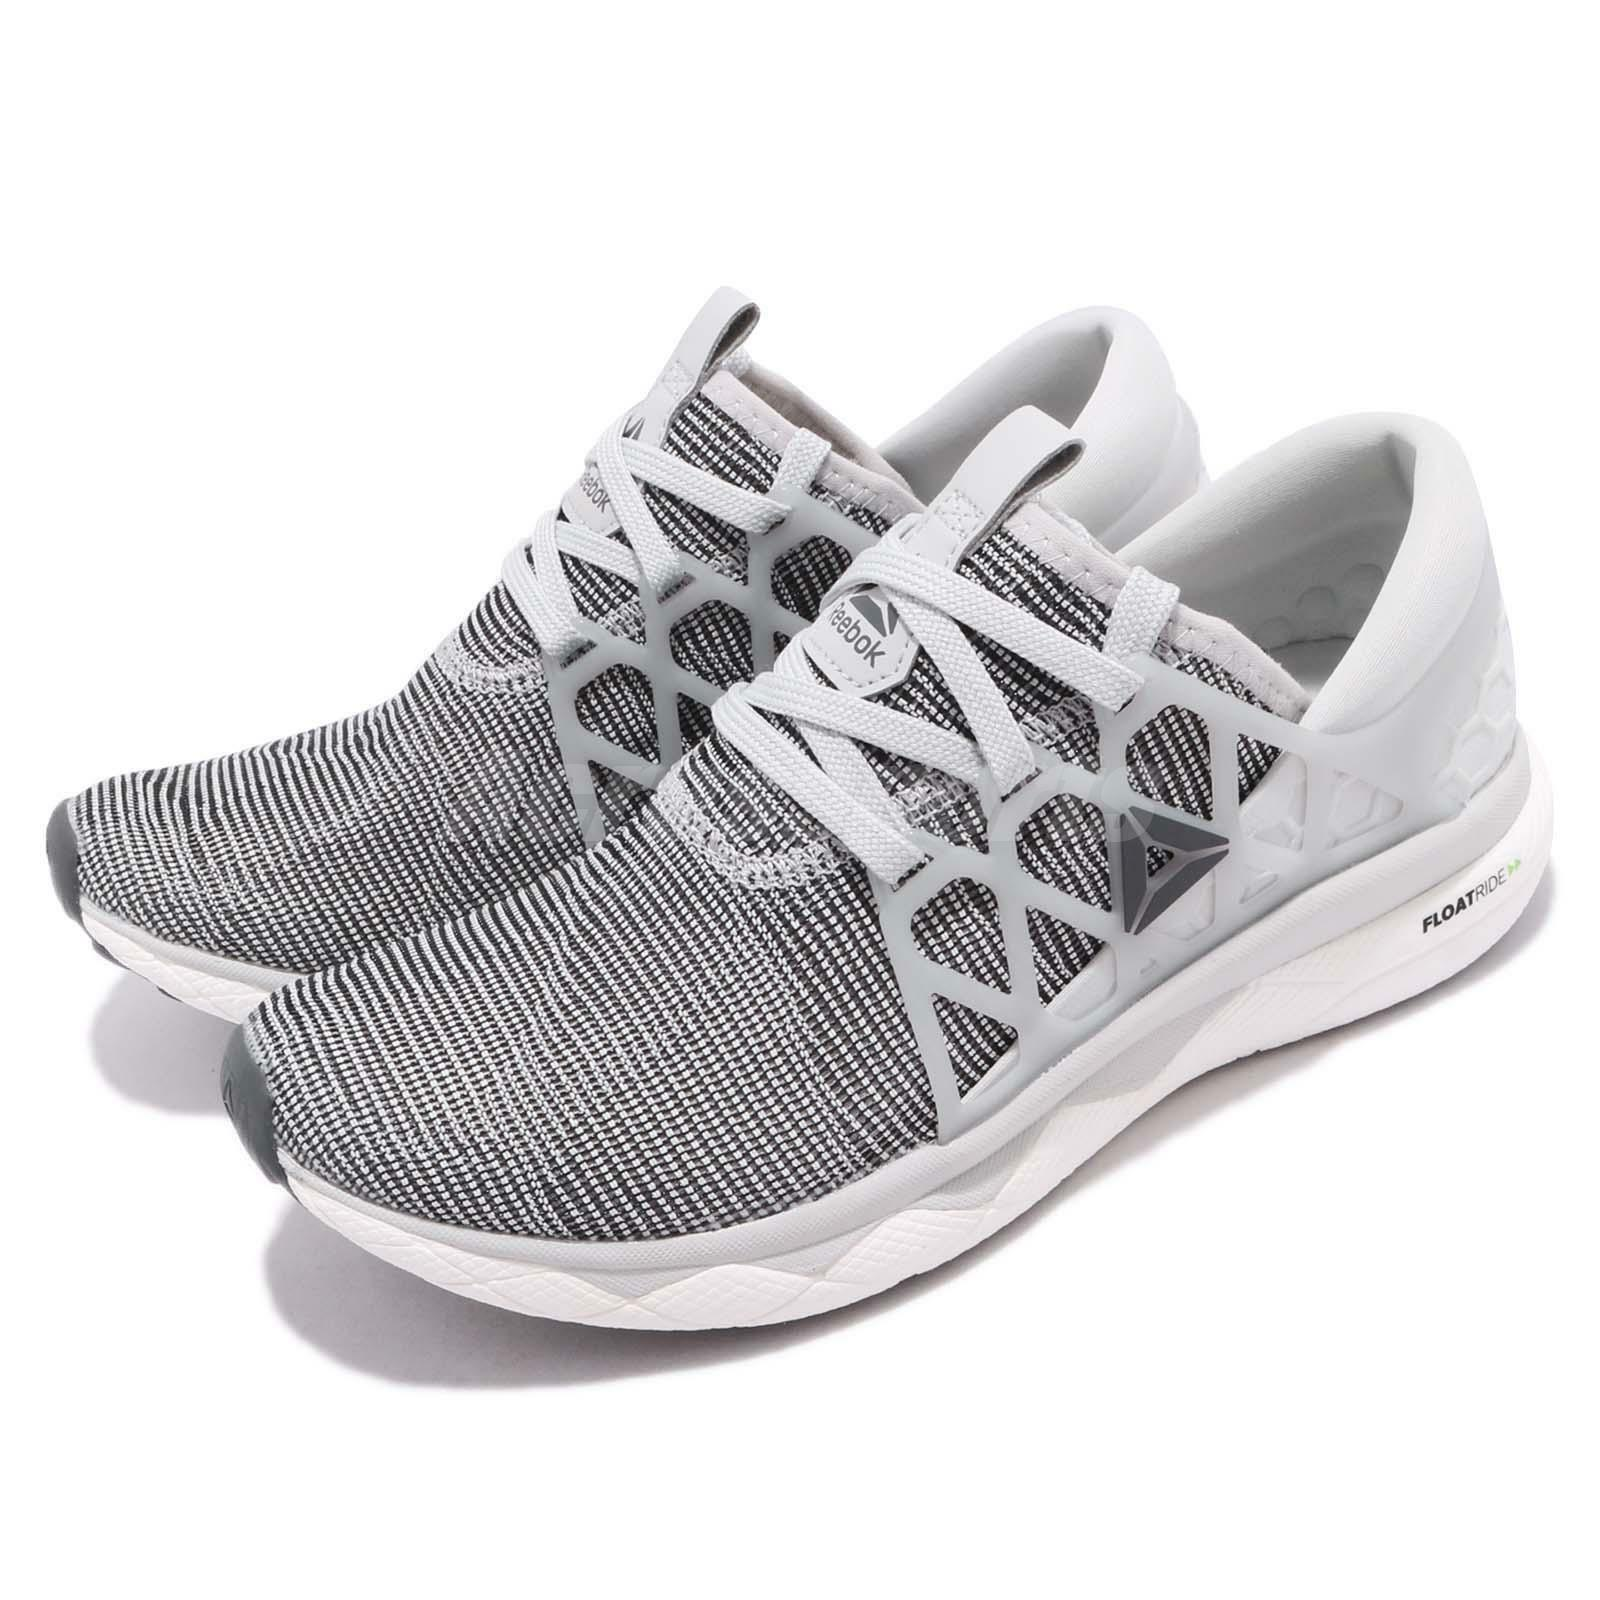 Reebok floatride ejecutar flexweave Cráneo gris gris gris Negro blancoo Zapatos deportivos de mujer CN6164  tienda de bajo costo